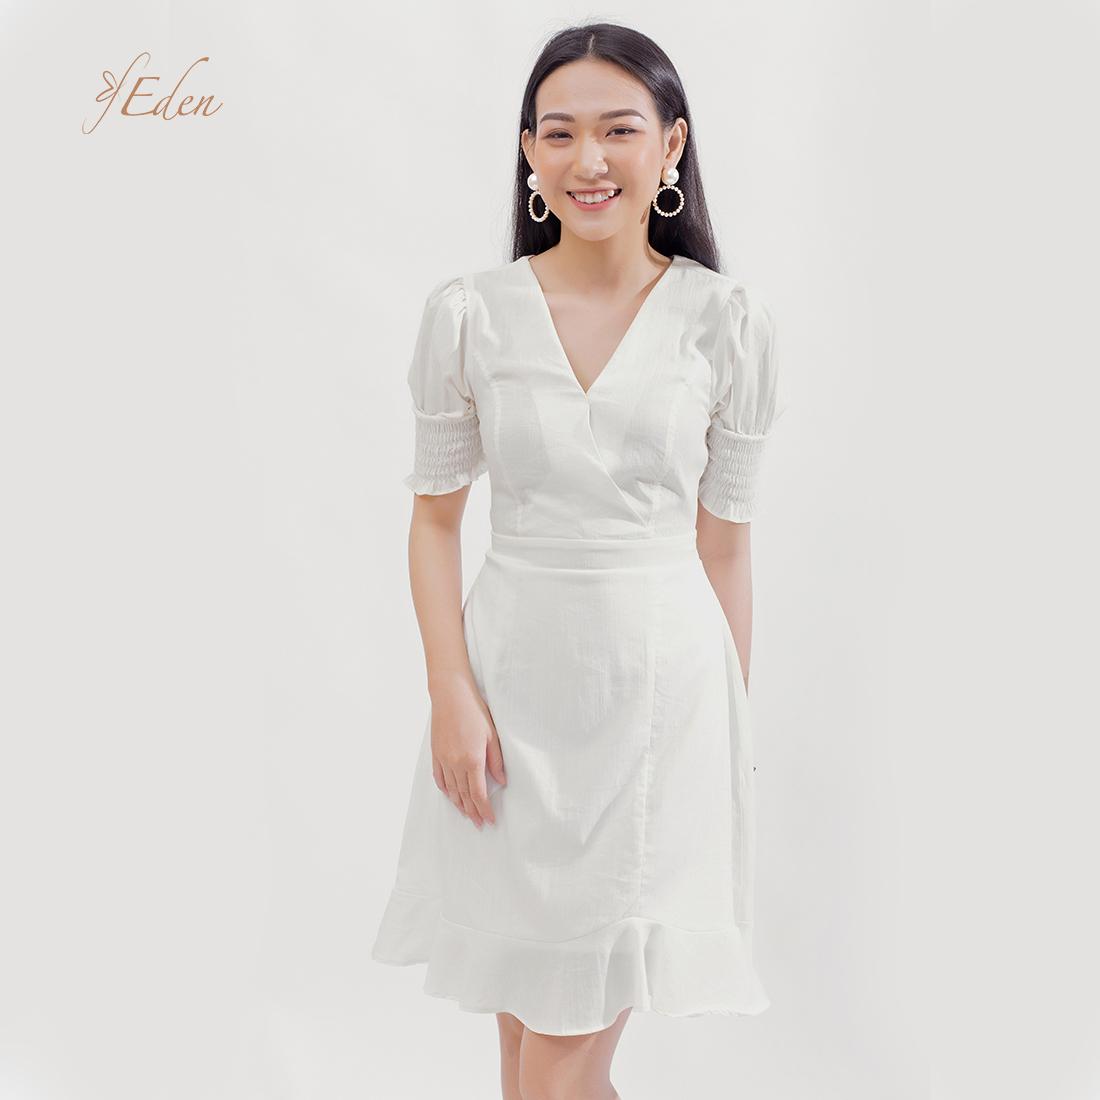 Đầm Chữ A Thời Trang Eden Cổ Tim Tay Chun - D375 - Màu Trắng